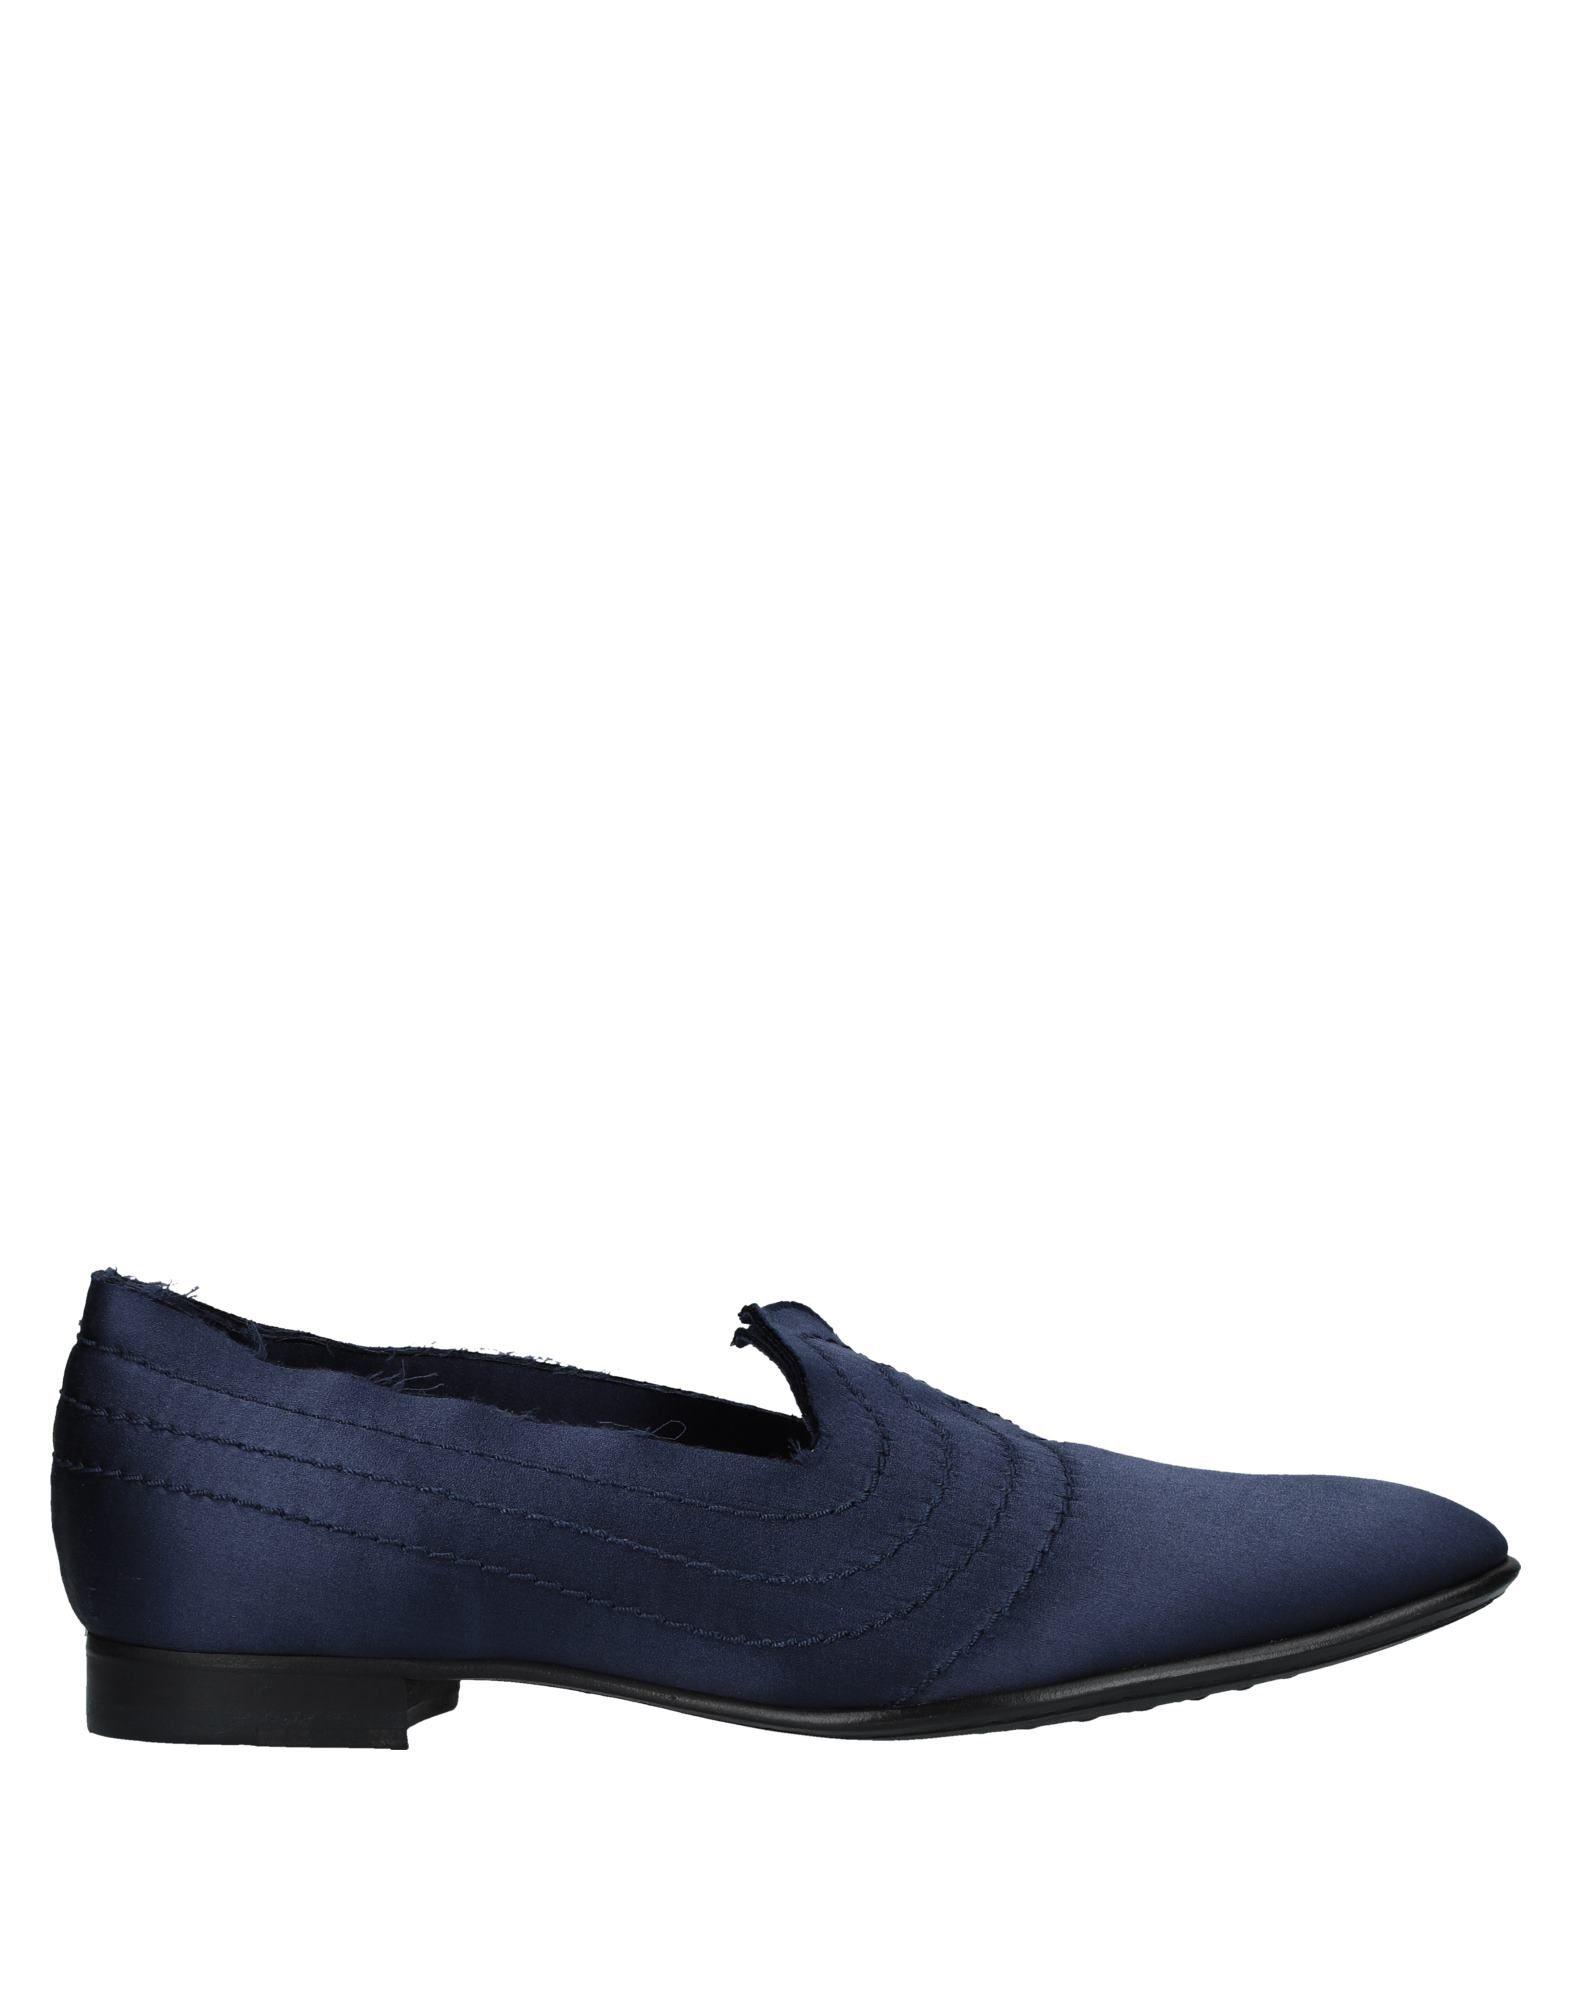 Pedro García Mokassins Damen  11528528FUGut aussehende strapazierfähige Schuhe